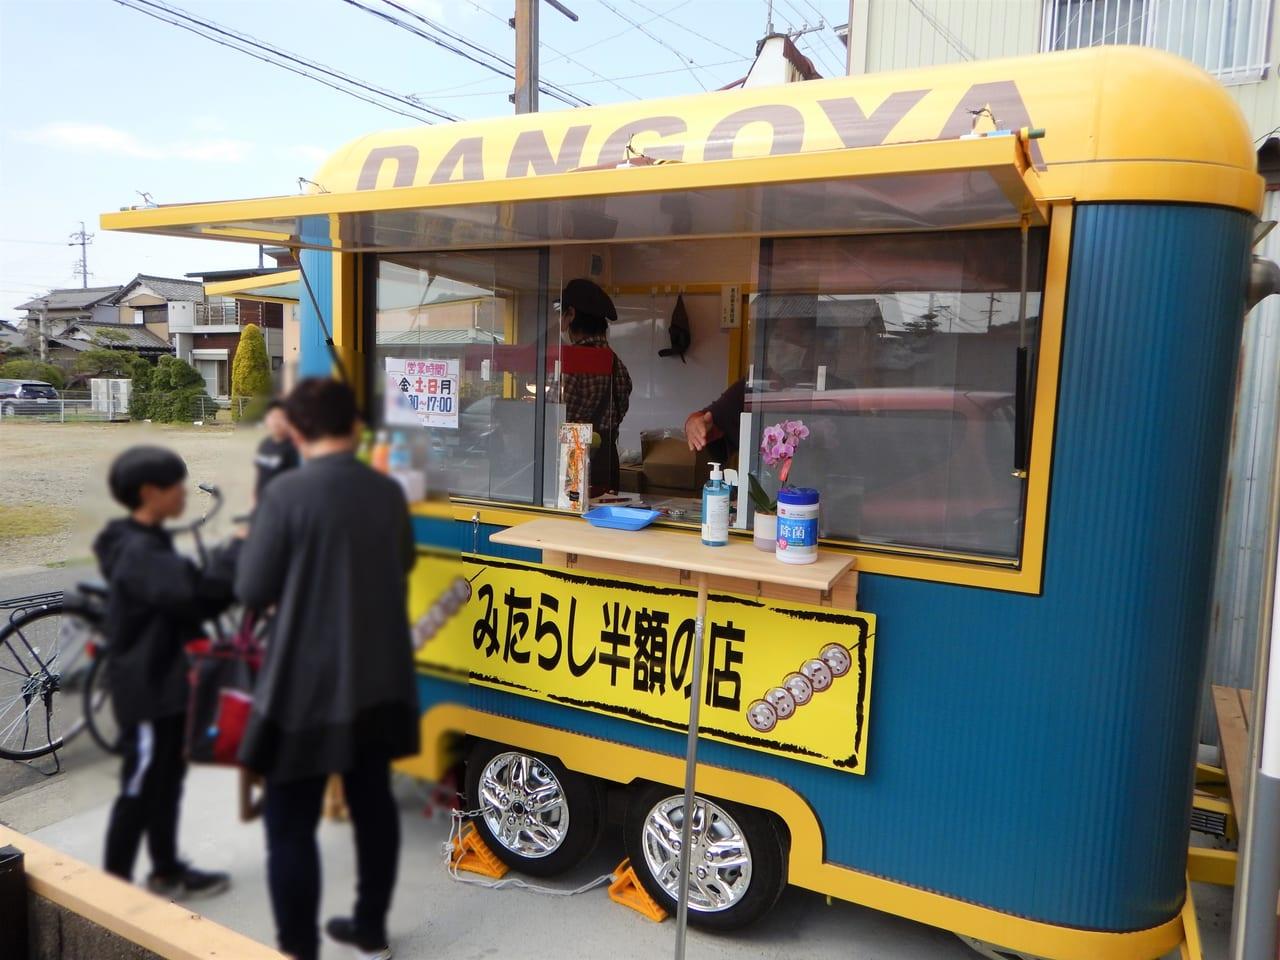 だんごやあんちゃんのお団子 五王製菓 五王木曽川店の外観